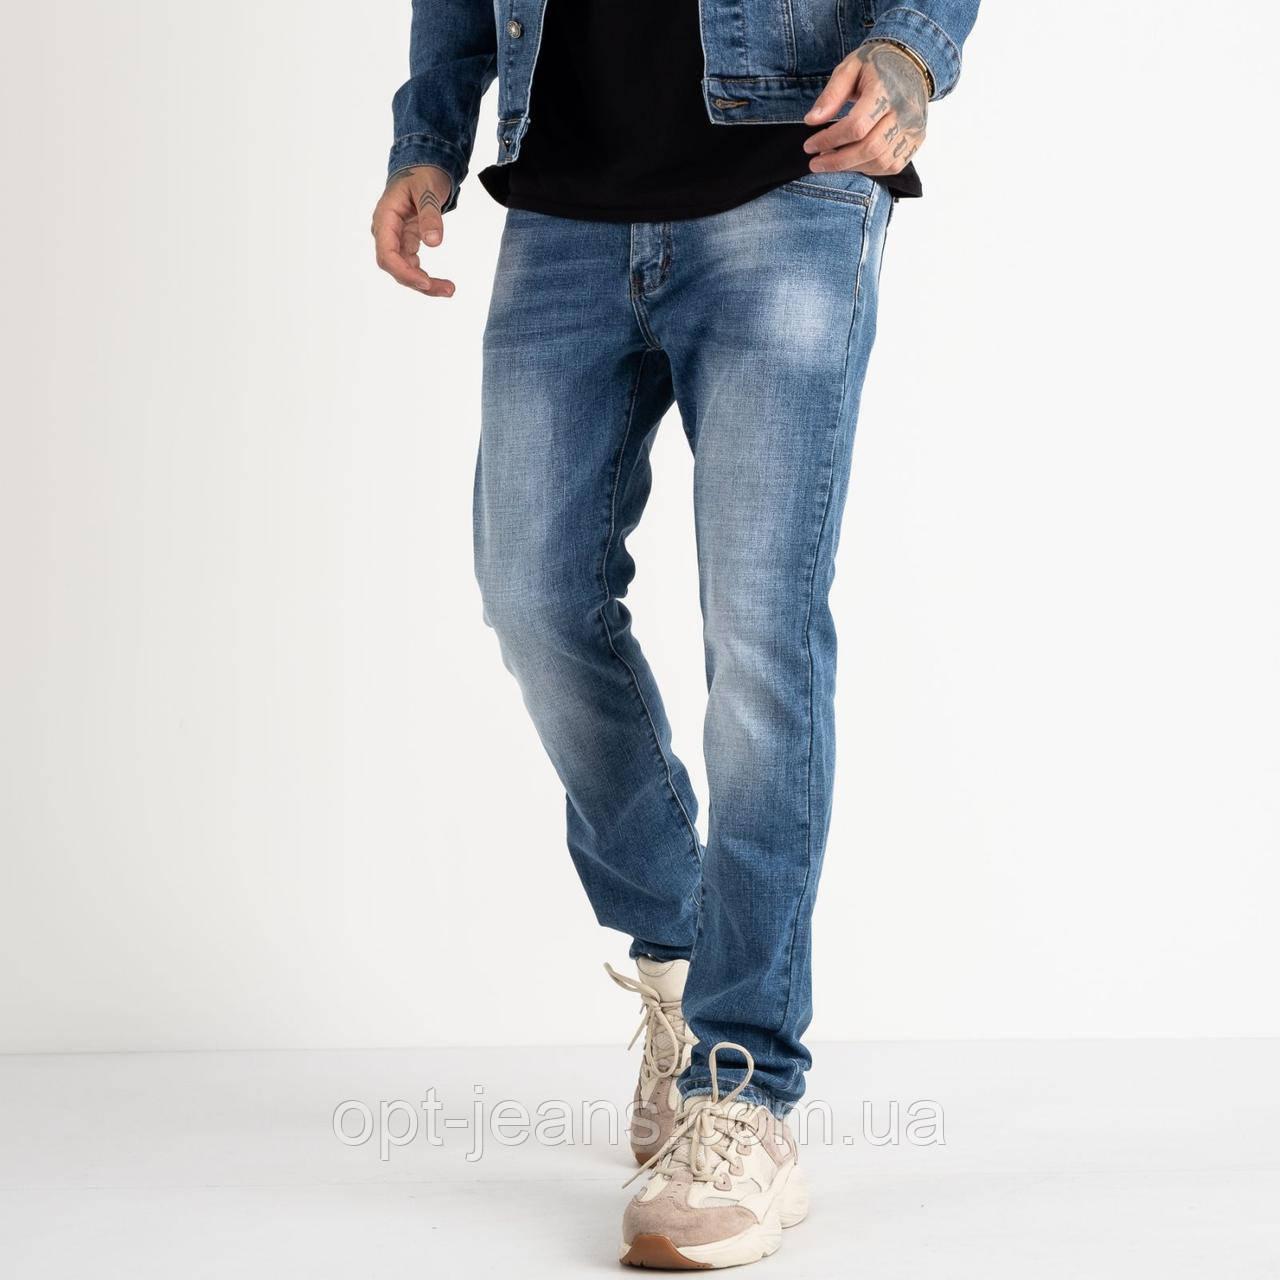 2079 Fang джинсы синие стрейчевые (8 ед. размеры: 30.31.32.33.34.35.36.38)